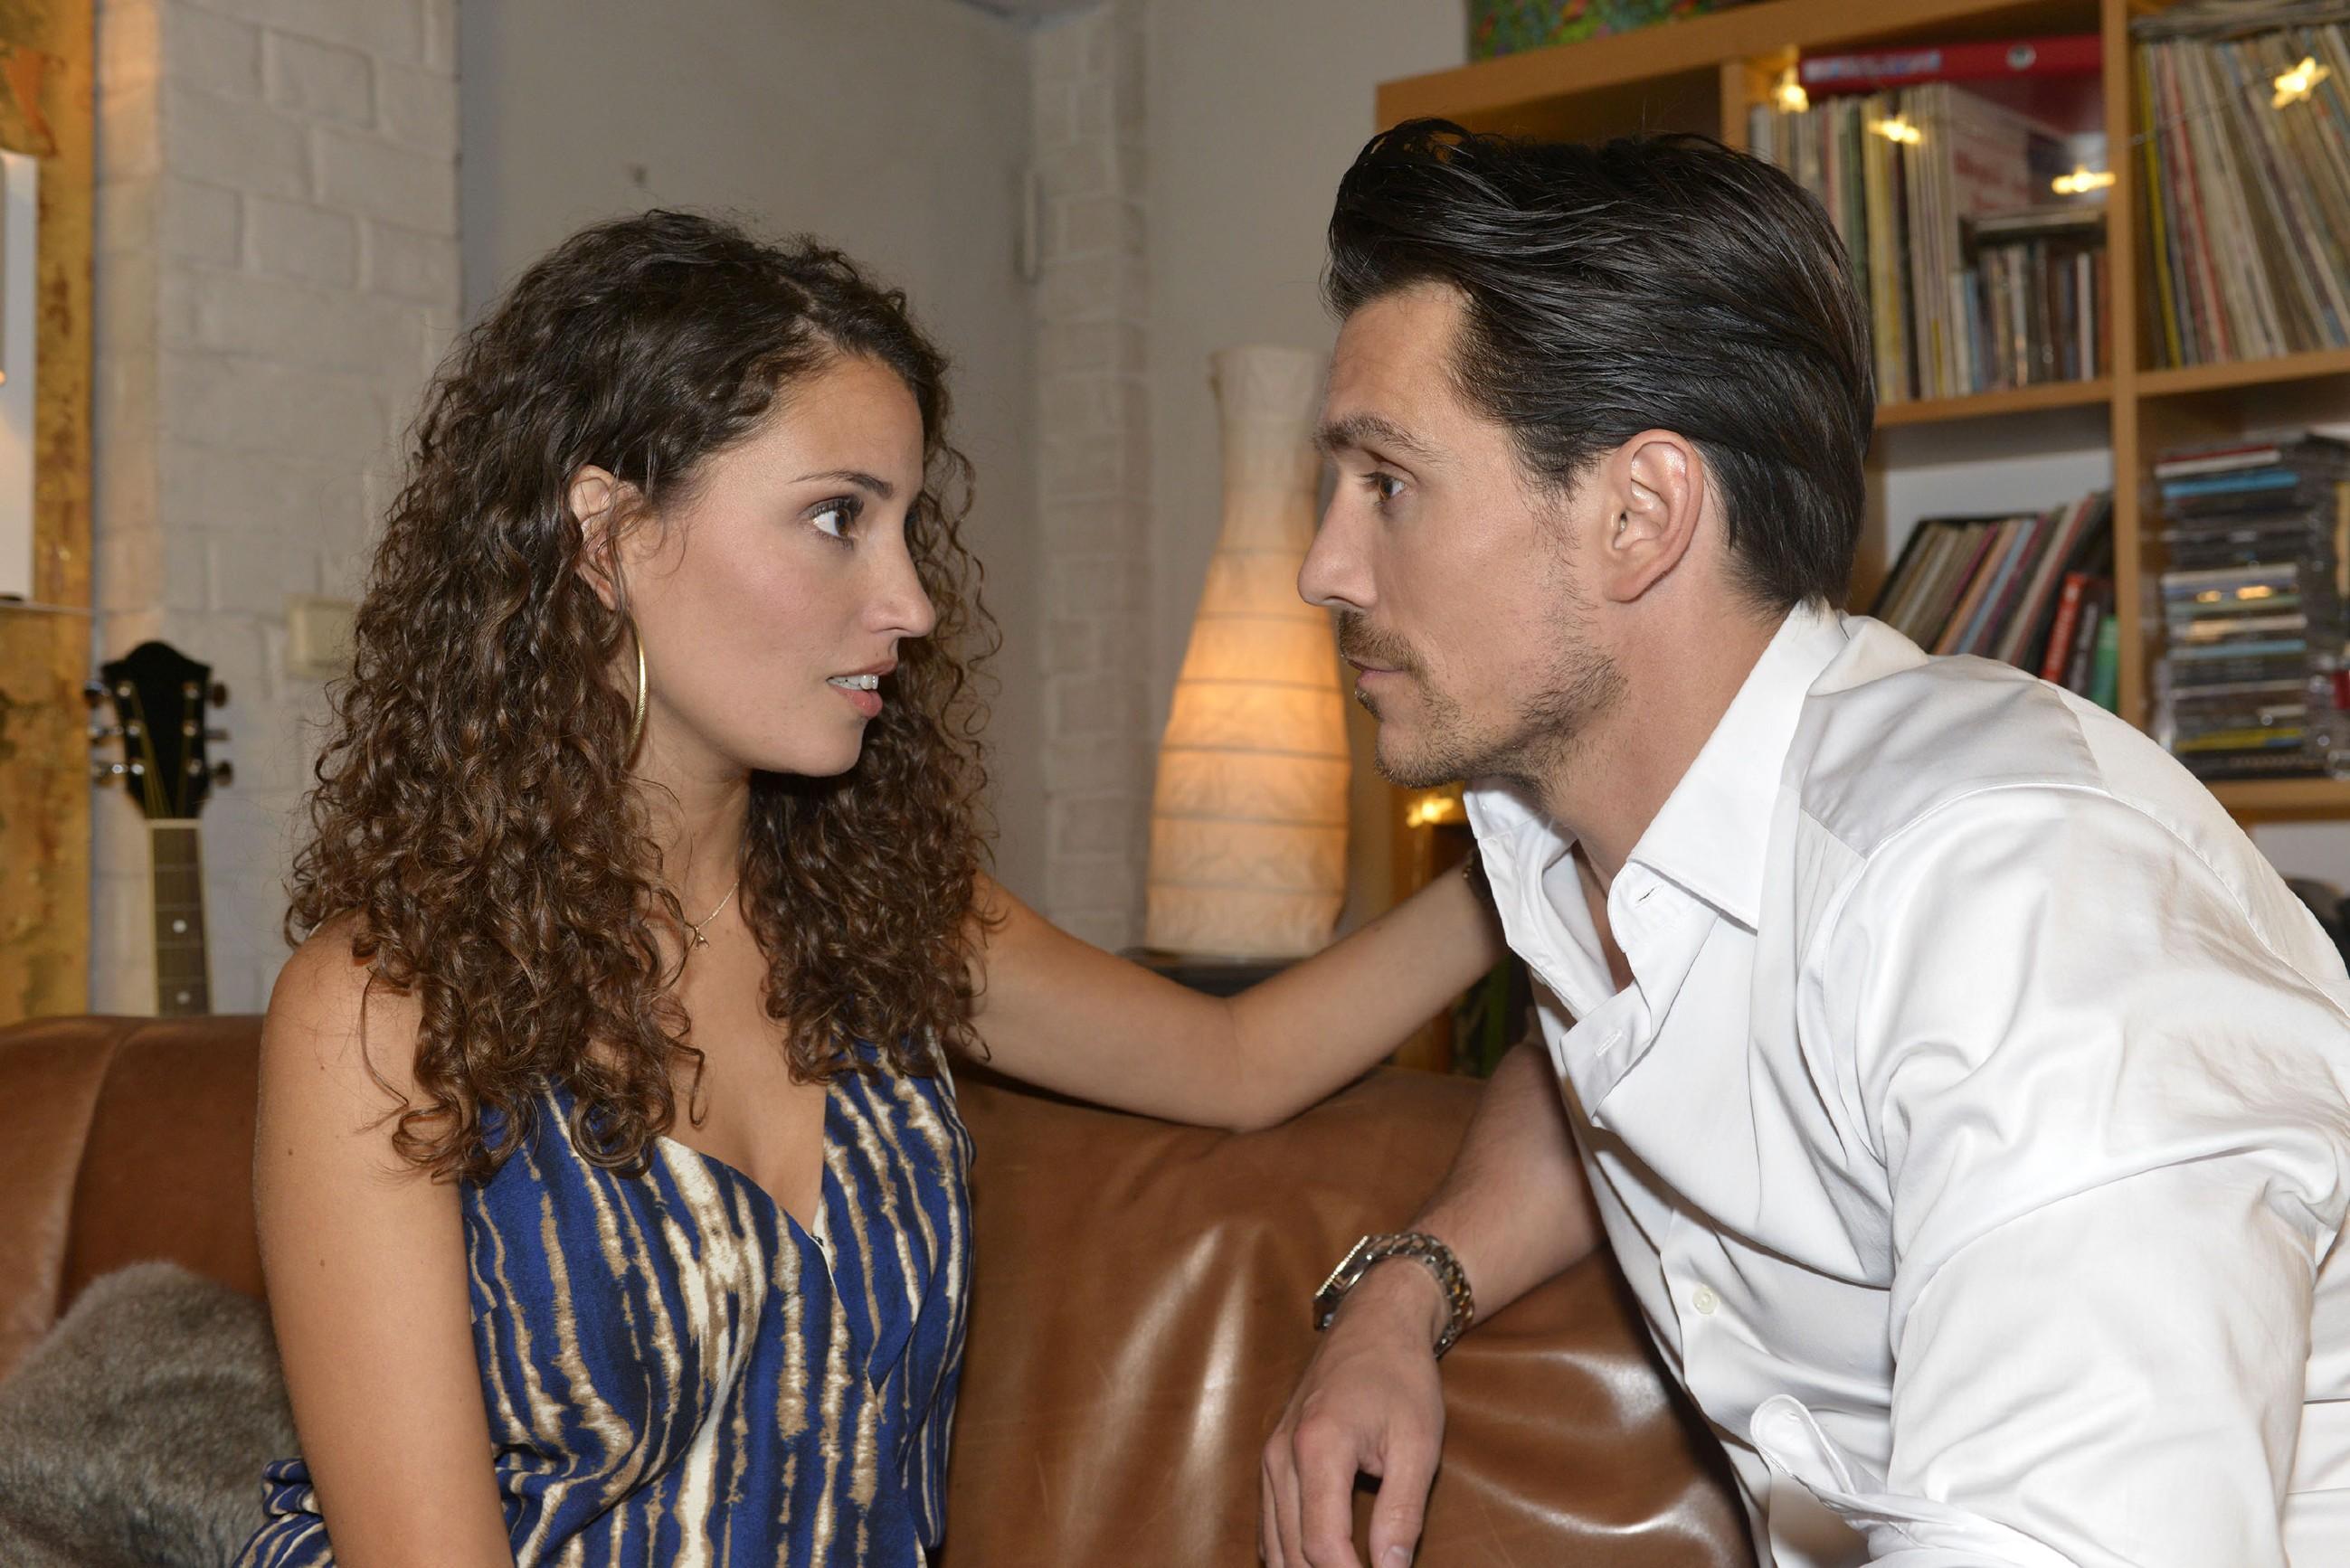 David (Philipp Christopher) ist nicht sonderlich begeistert, dass sich Ayla (Nadine Menz) mit van Cluven treffen will. (Quelle: RTL / Rolf Baumgartner)